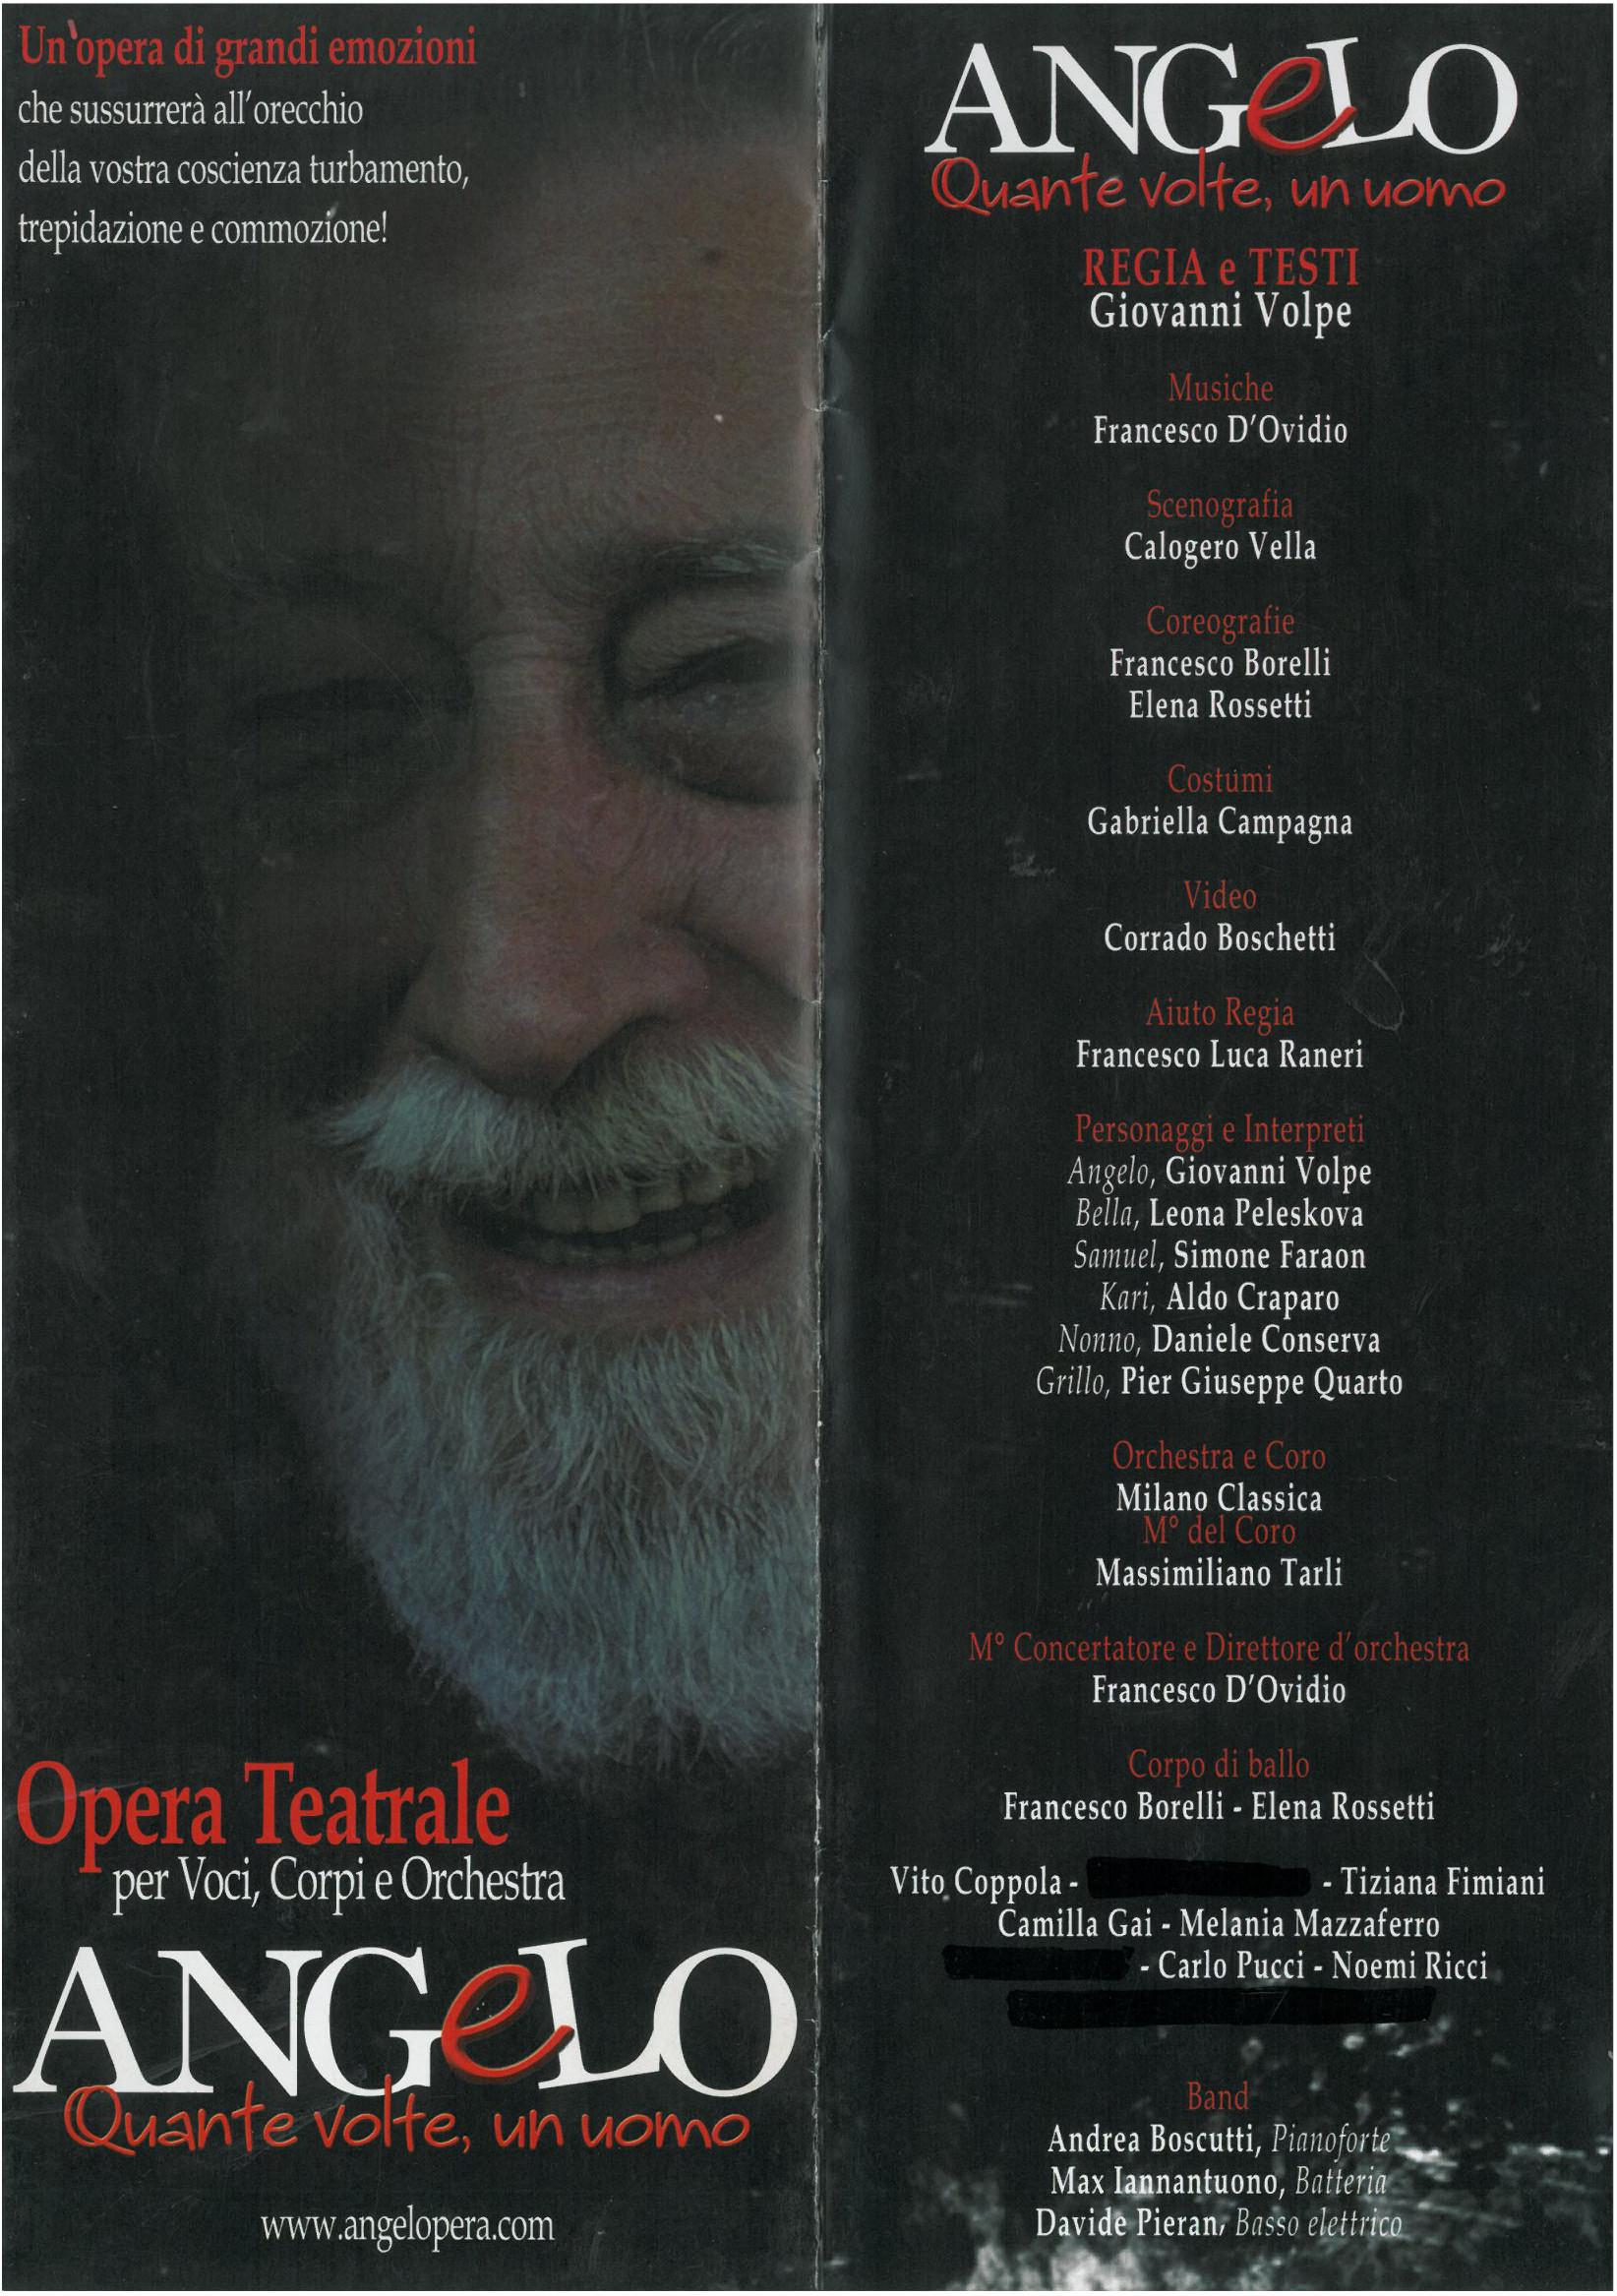 ANGELO Quante volte, un uomo – Opera Teatrale per Voci, Corpi e Orchestra